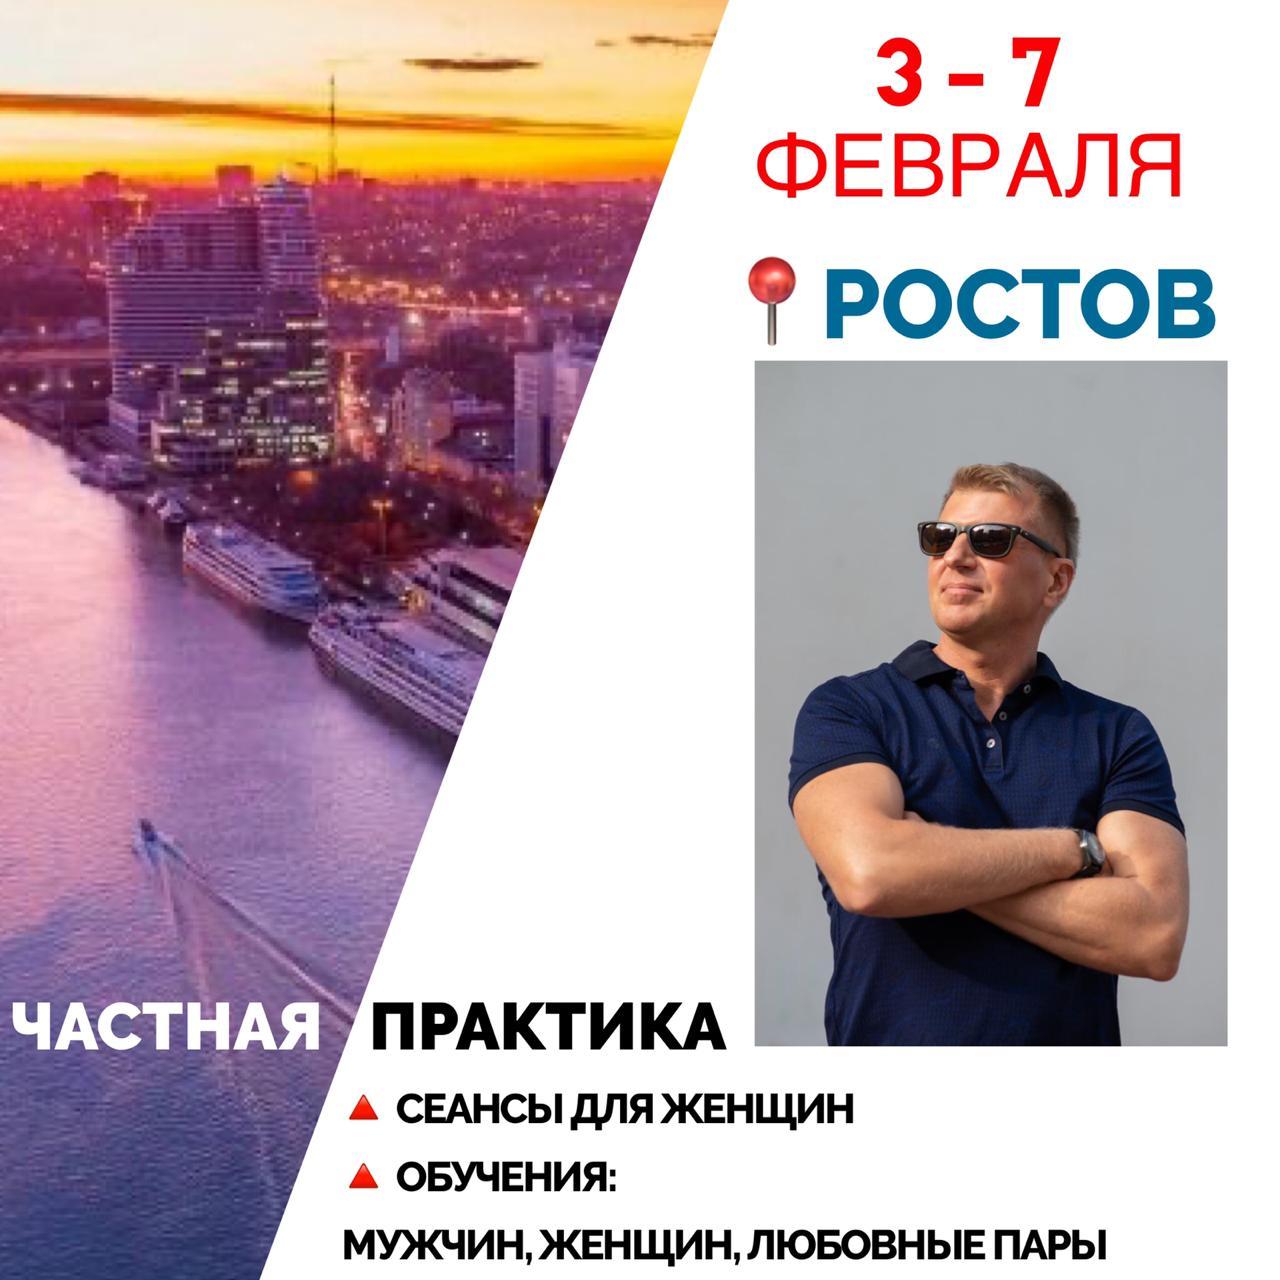 Макс Исаев Ростов